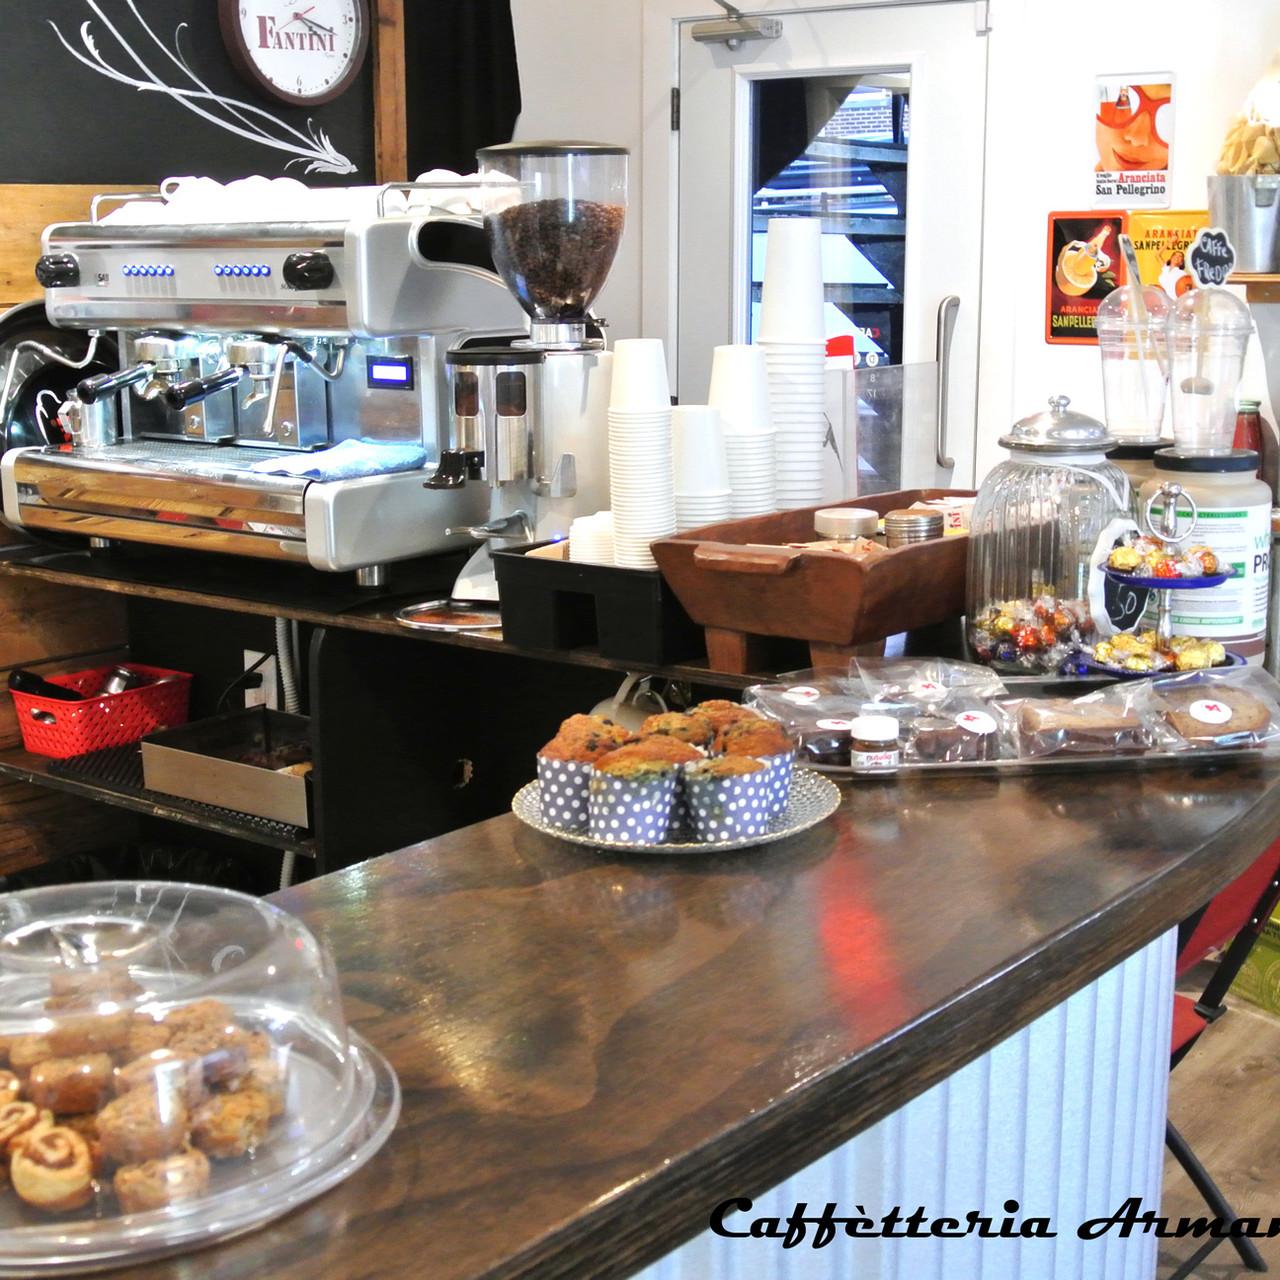 Images de la Caffèteria Armando - 1239 Rue de Bellechasse, Montréal - mtljtm - montréal - rosemont